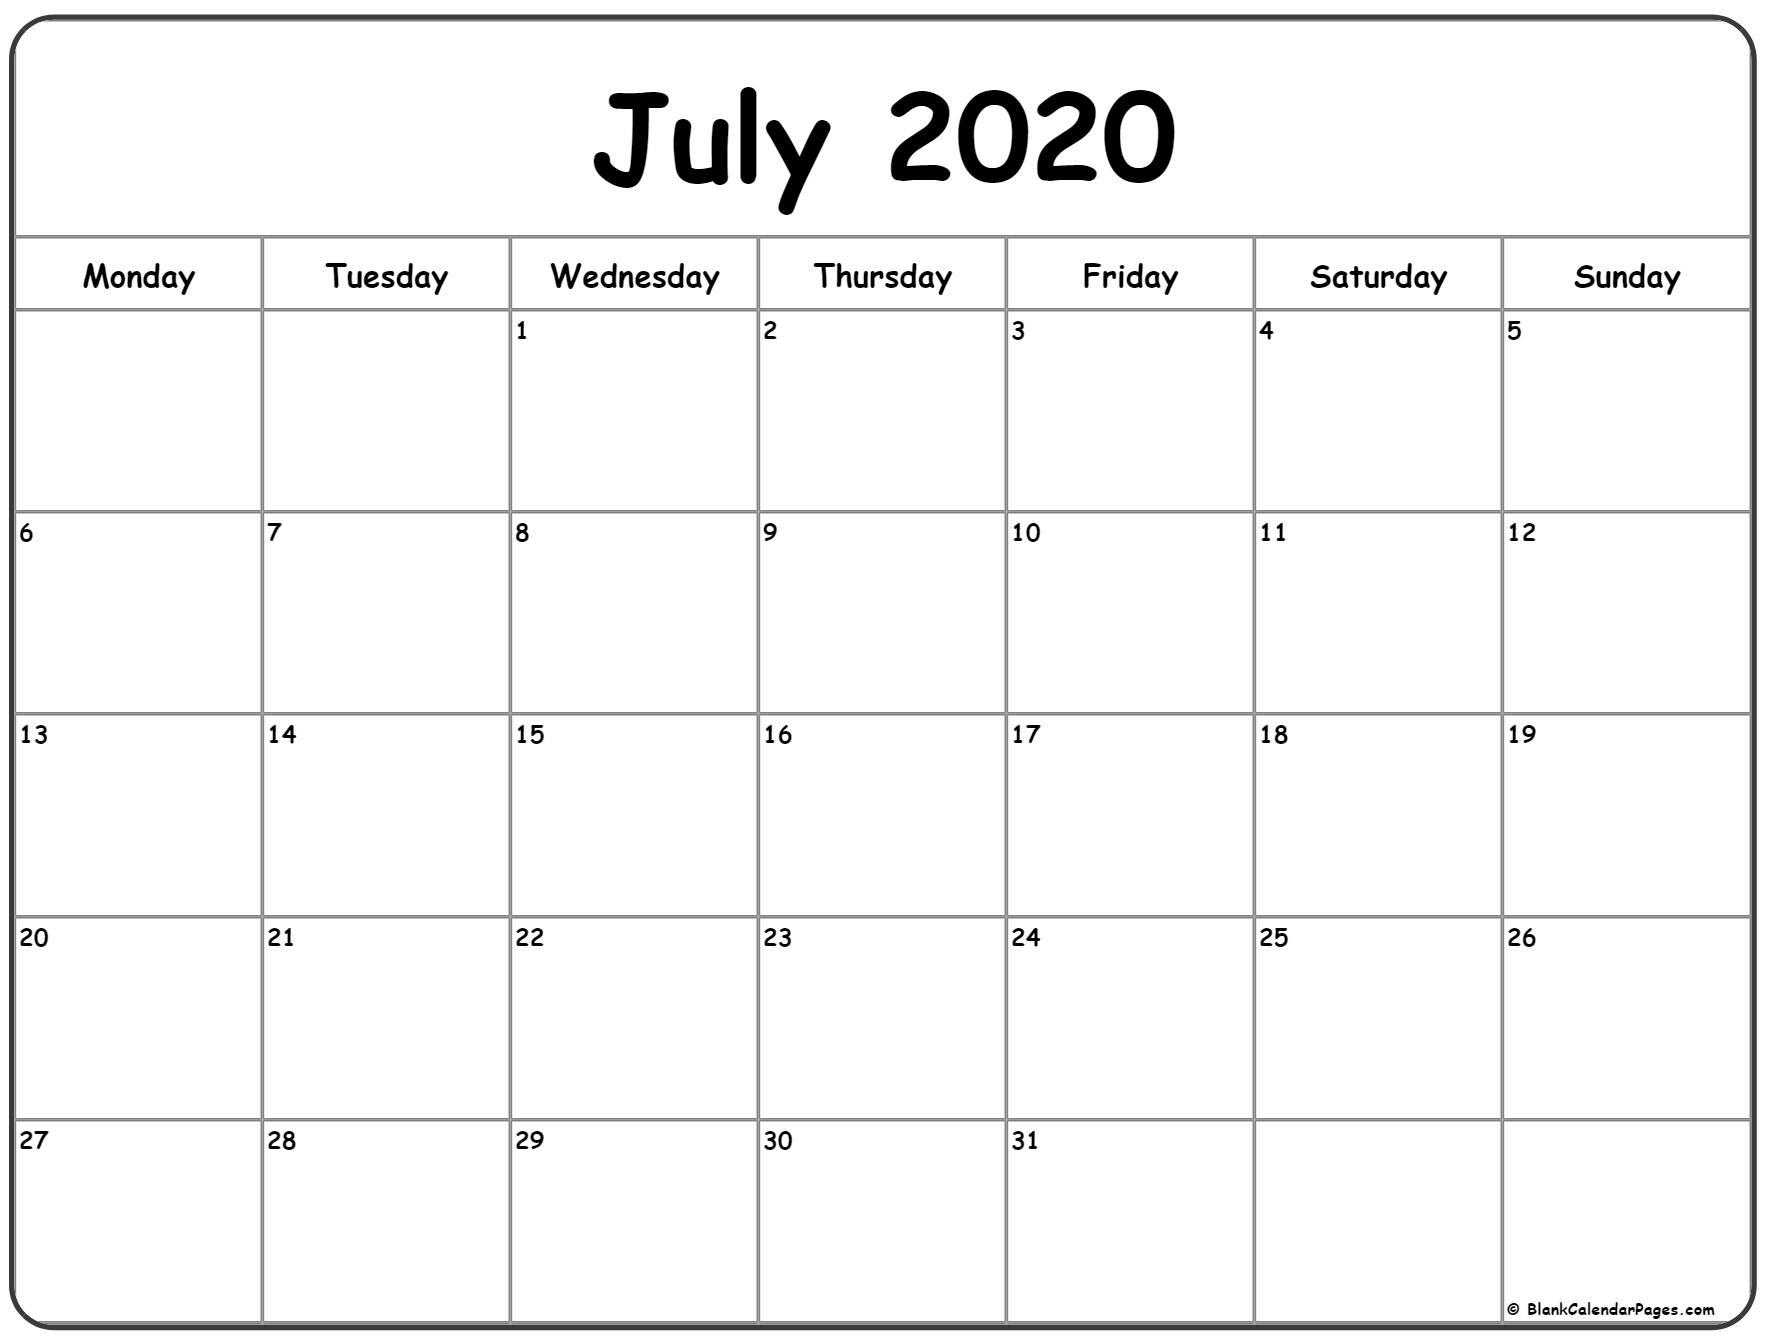 July 2020 Monday Calendar | Monday To Sunday pertaining to Calendar 2020 Sat Thru Sunday